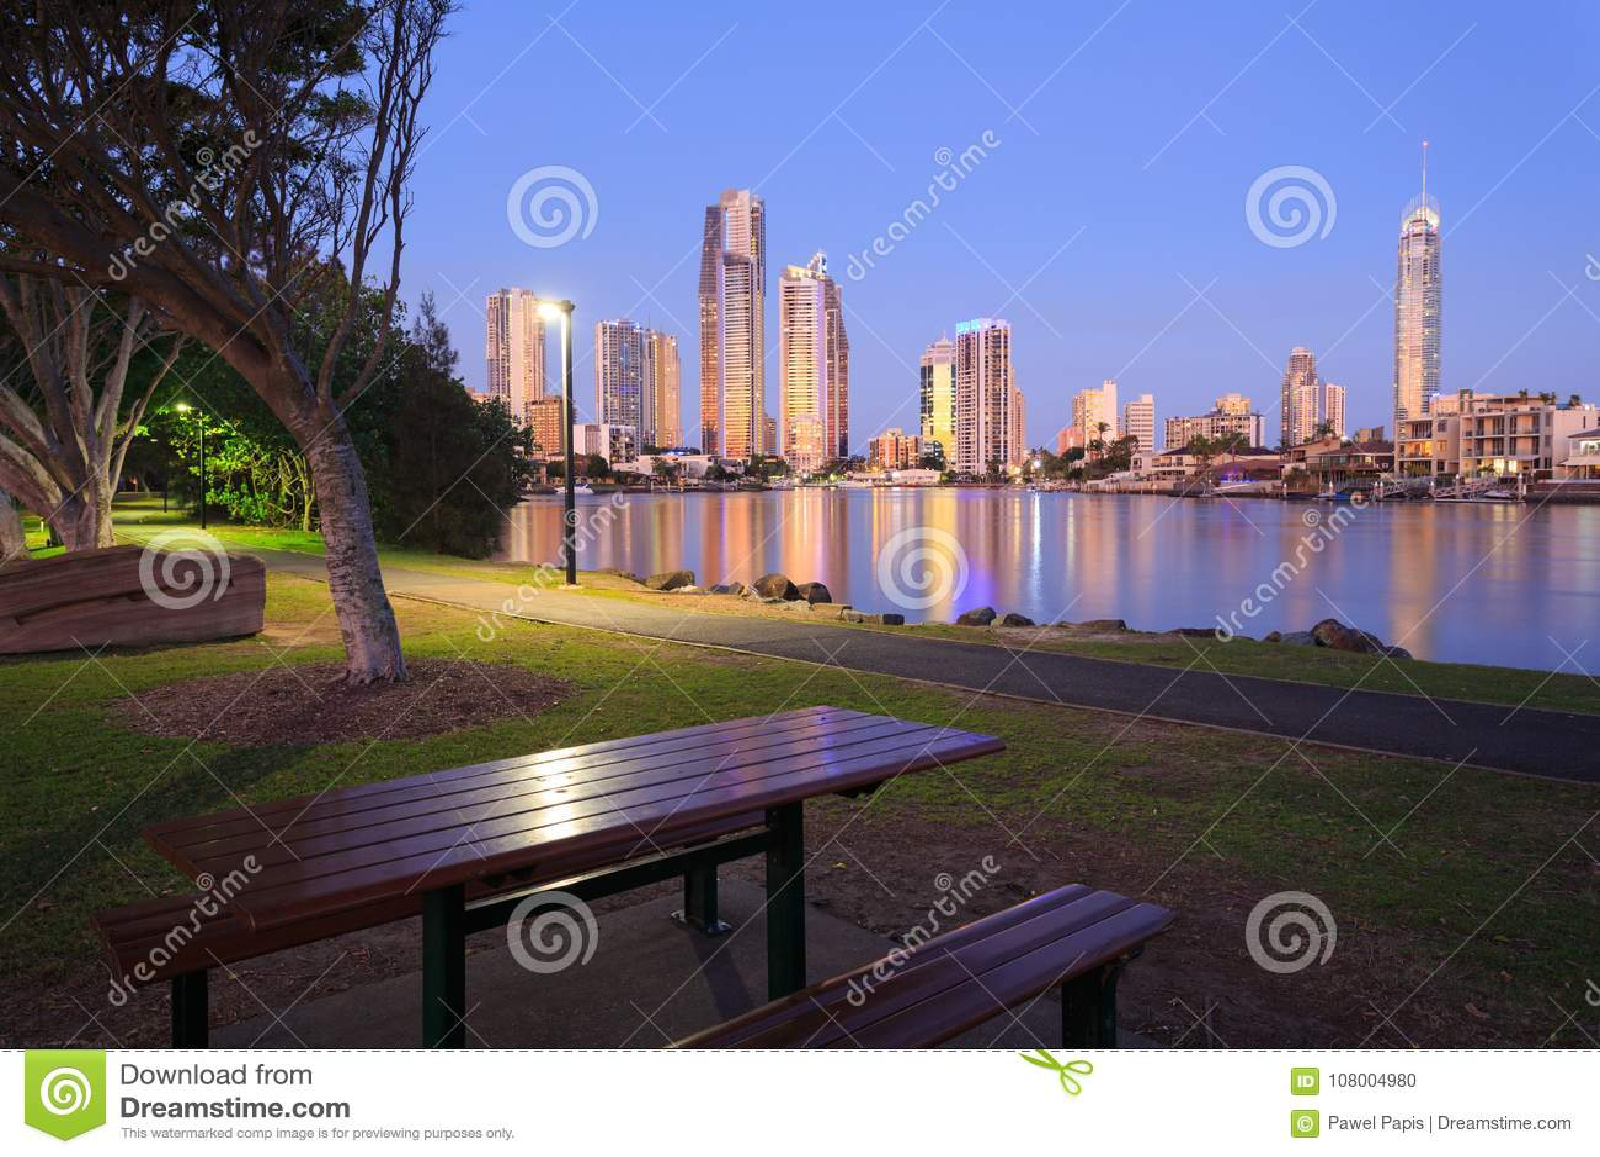 Australische moderne Stadt am Abend